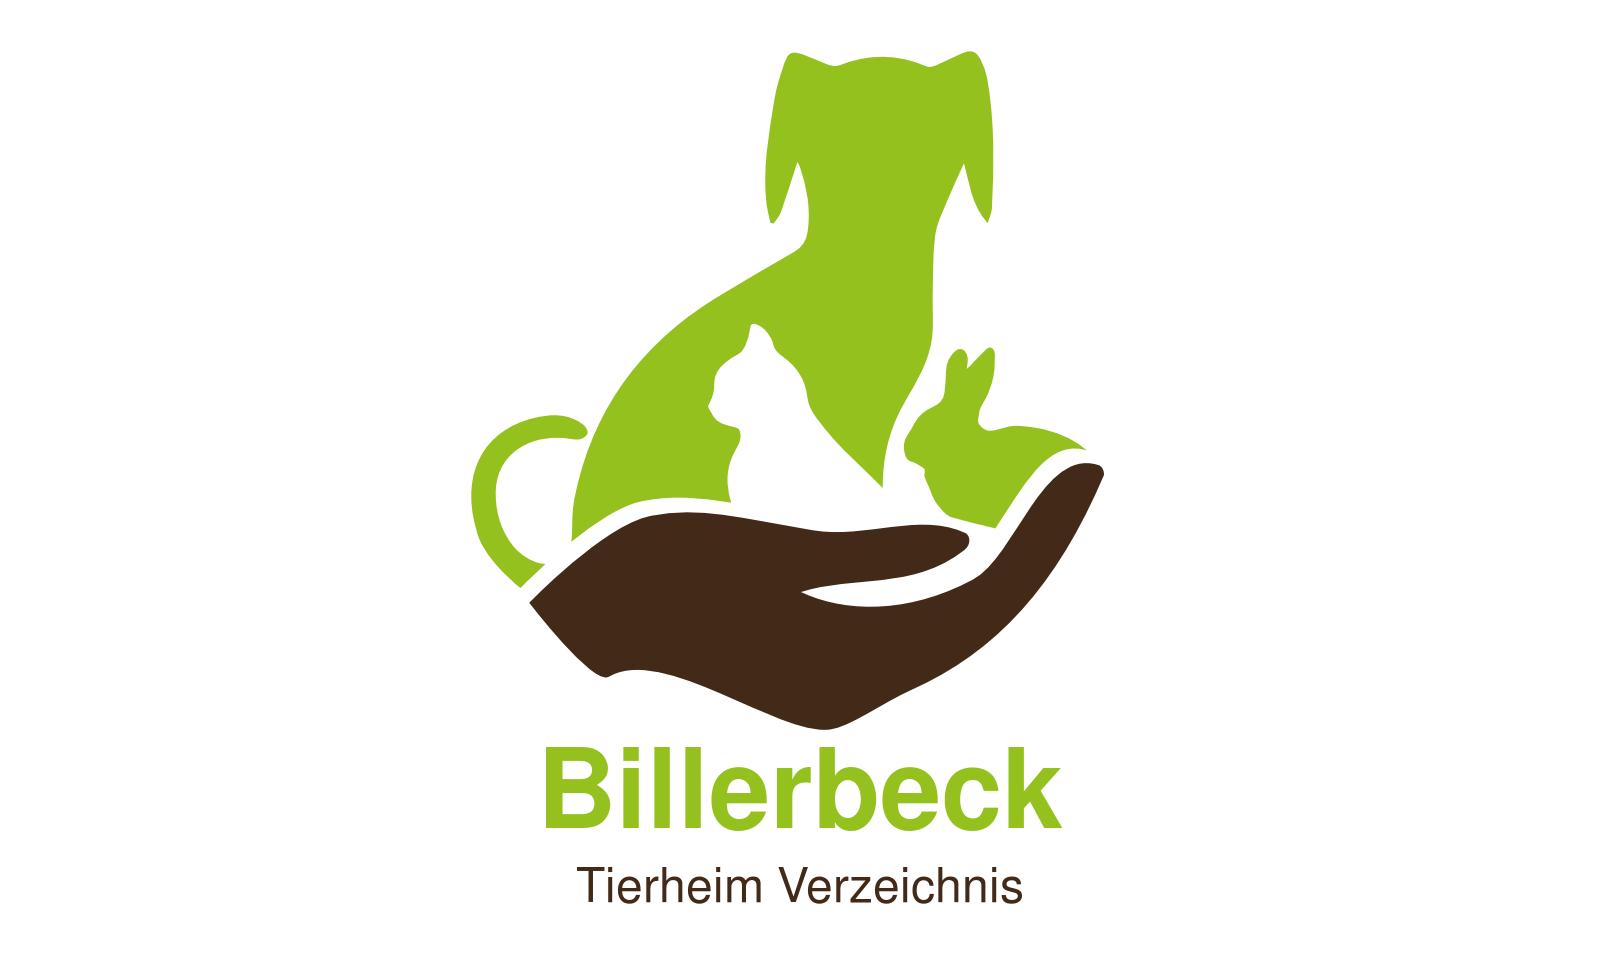 Tierheim Billerbeck